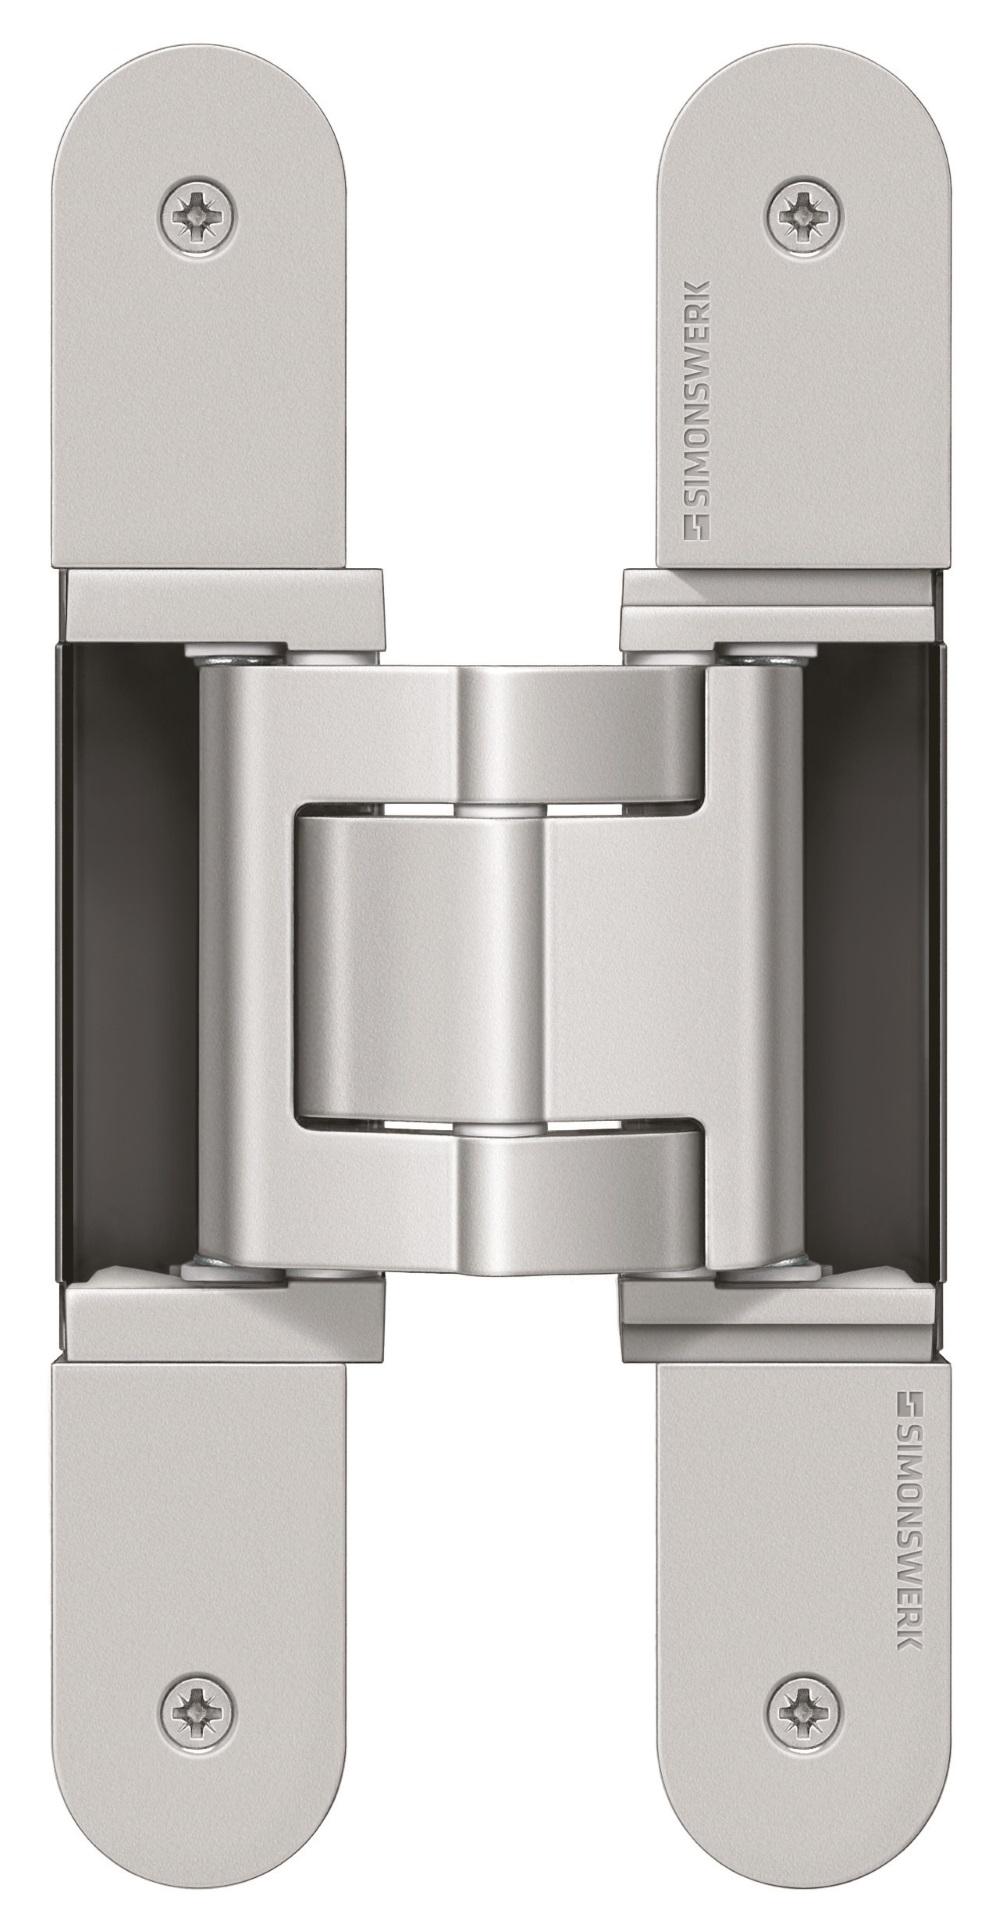 Nuove cerniere a scomparsa in variante Energy (12-24 V) per porte ...